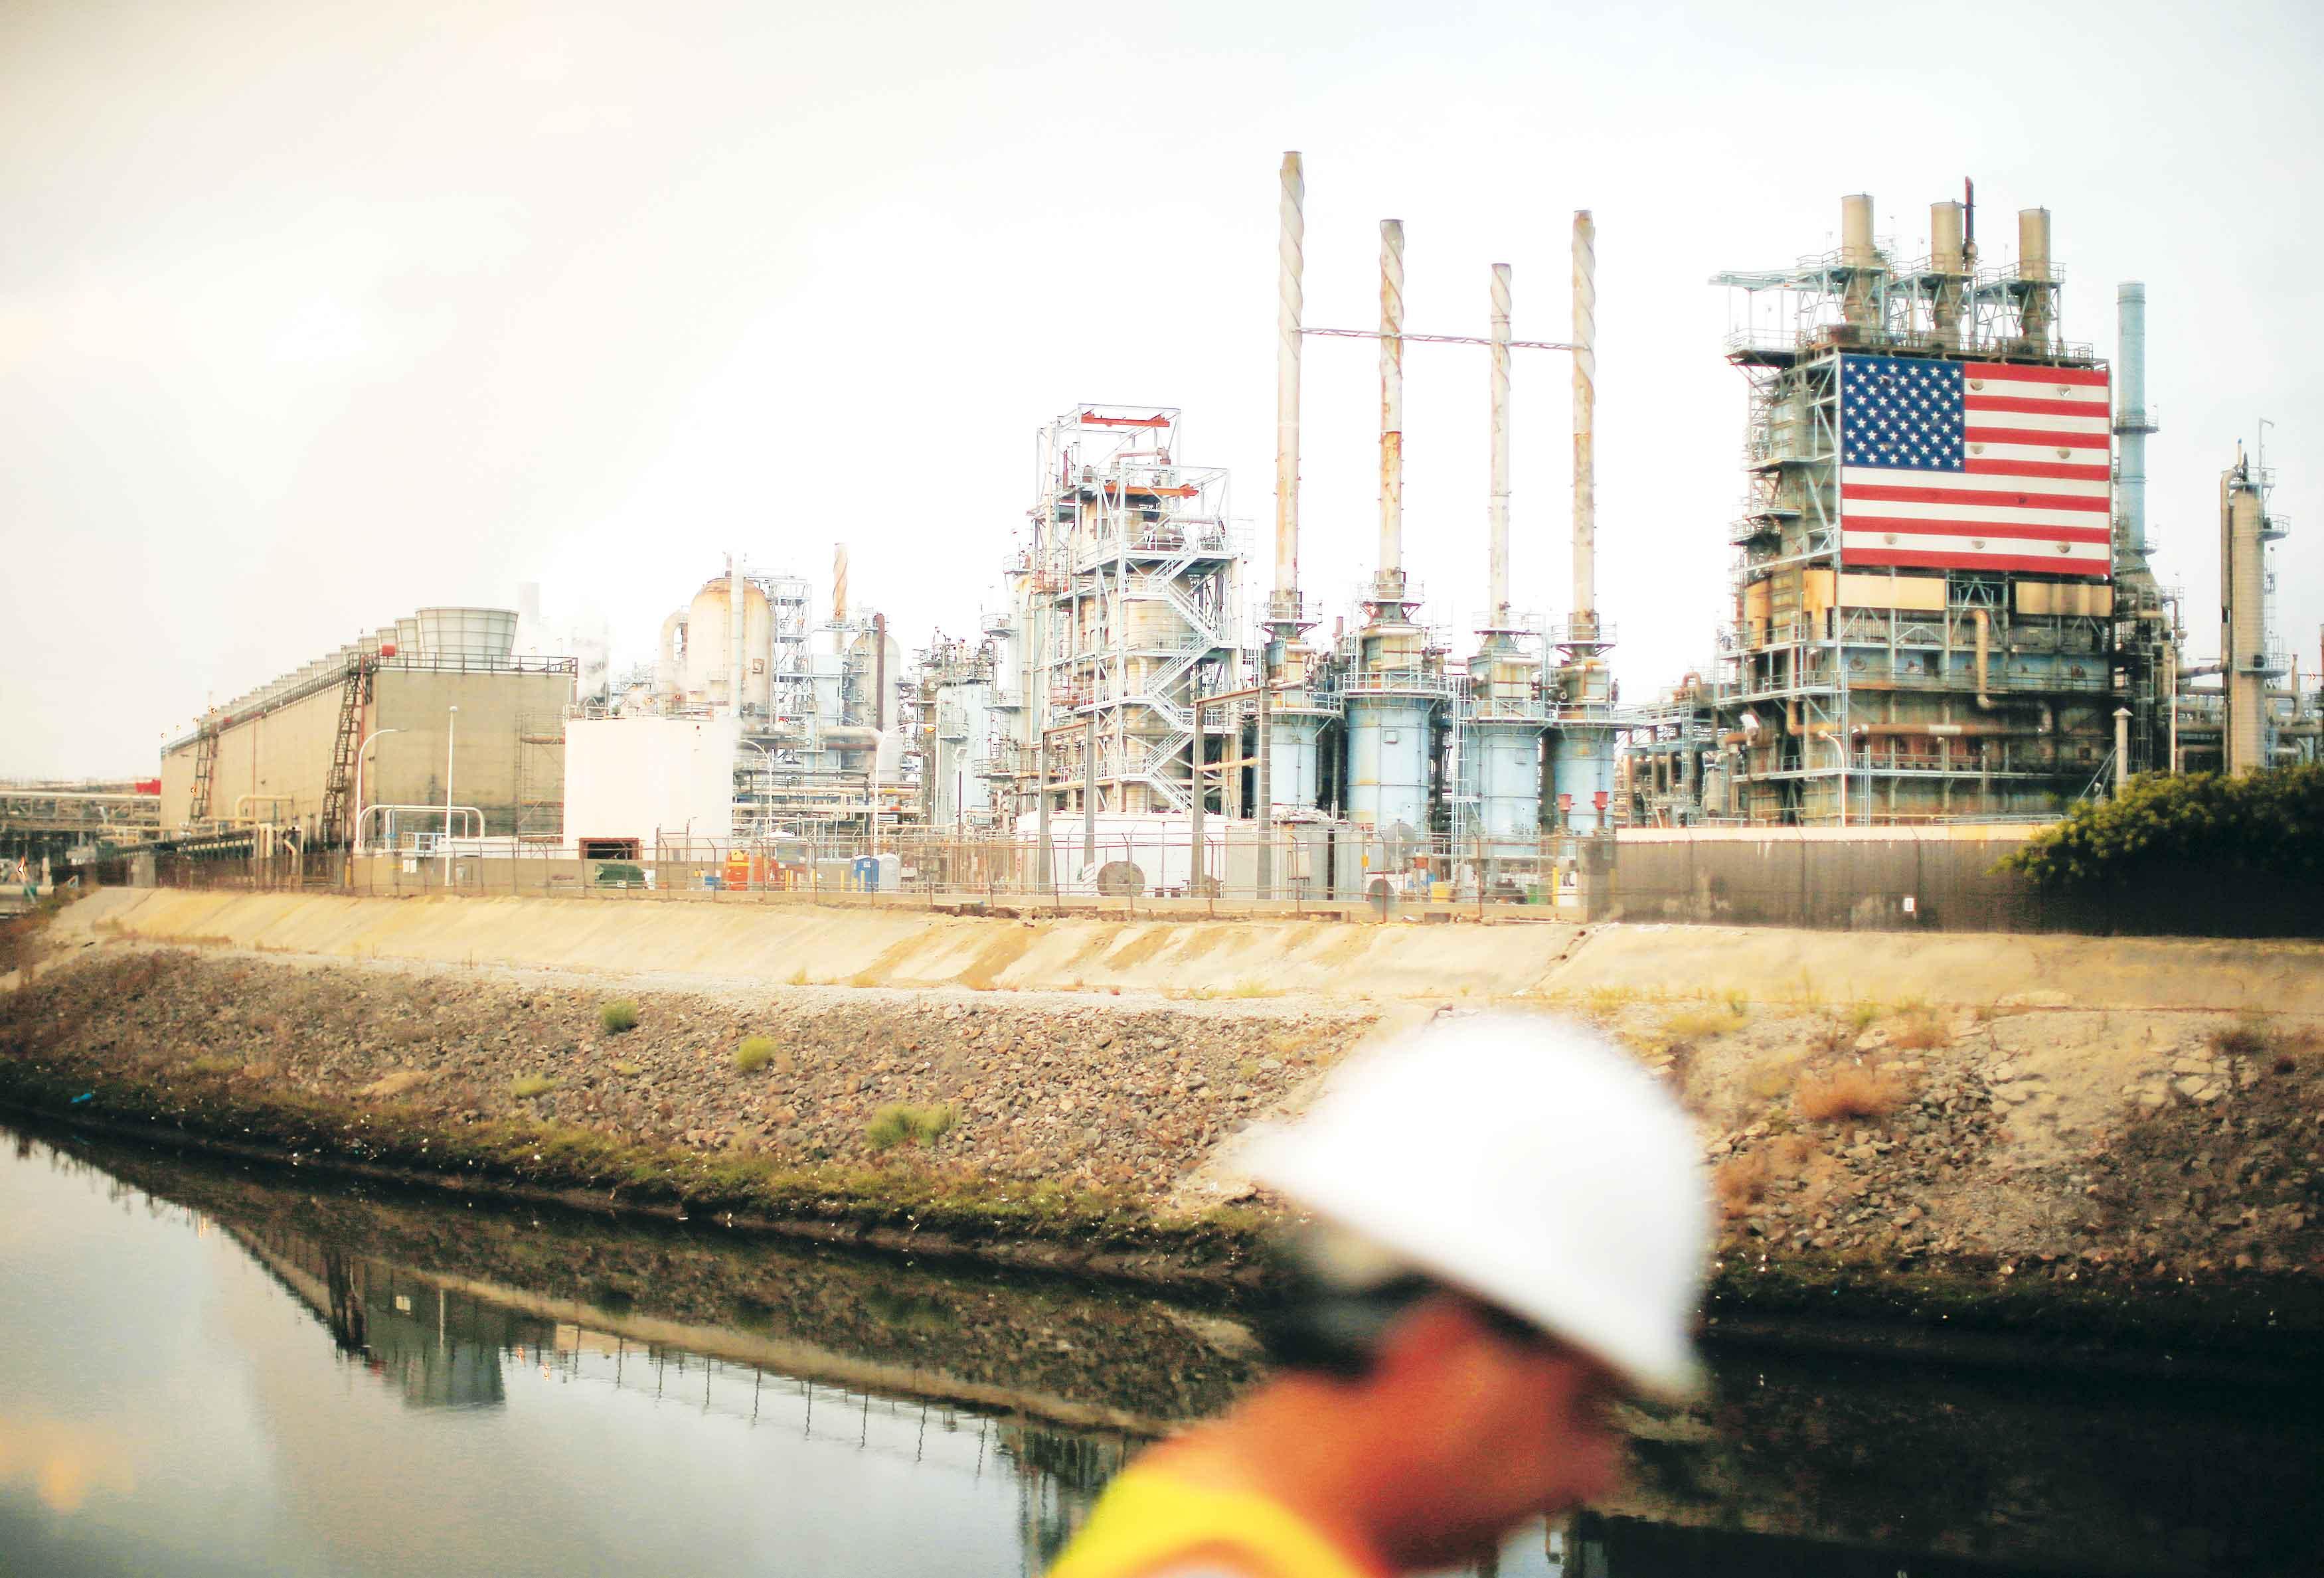 مستوى قياسي لإنتاج النفط الصخري الأمريكي عند 8.55 مليون برميل في أغسطس